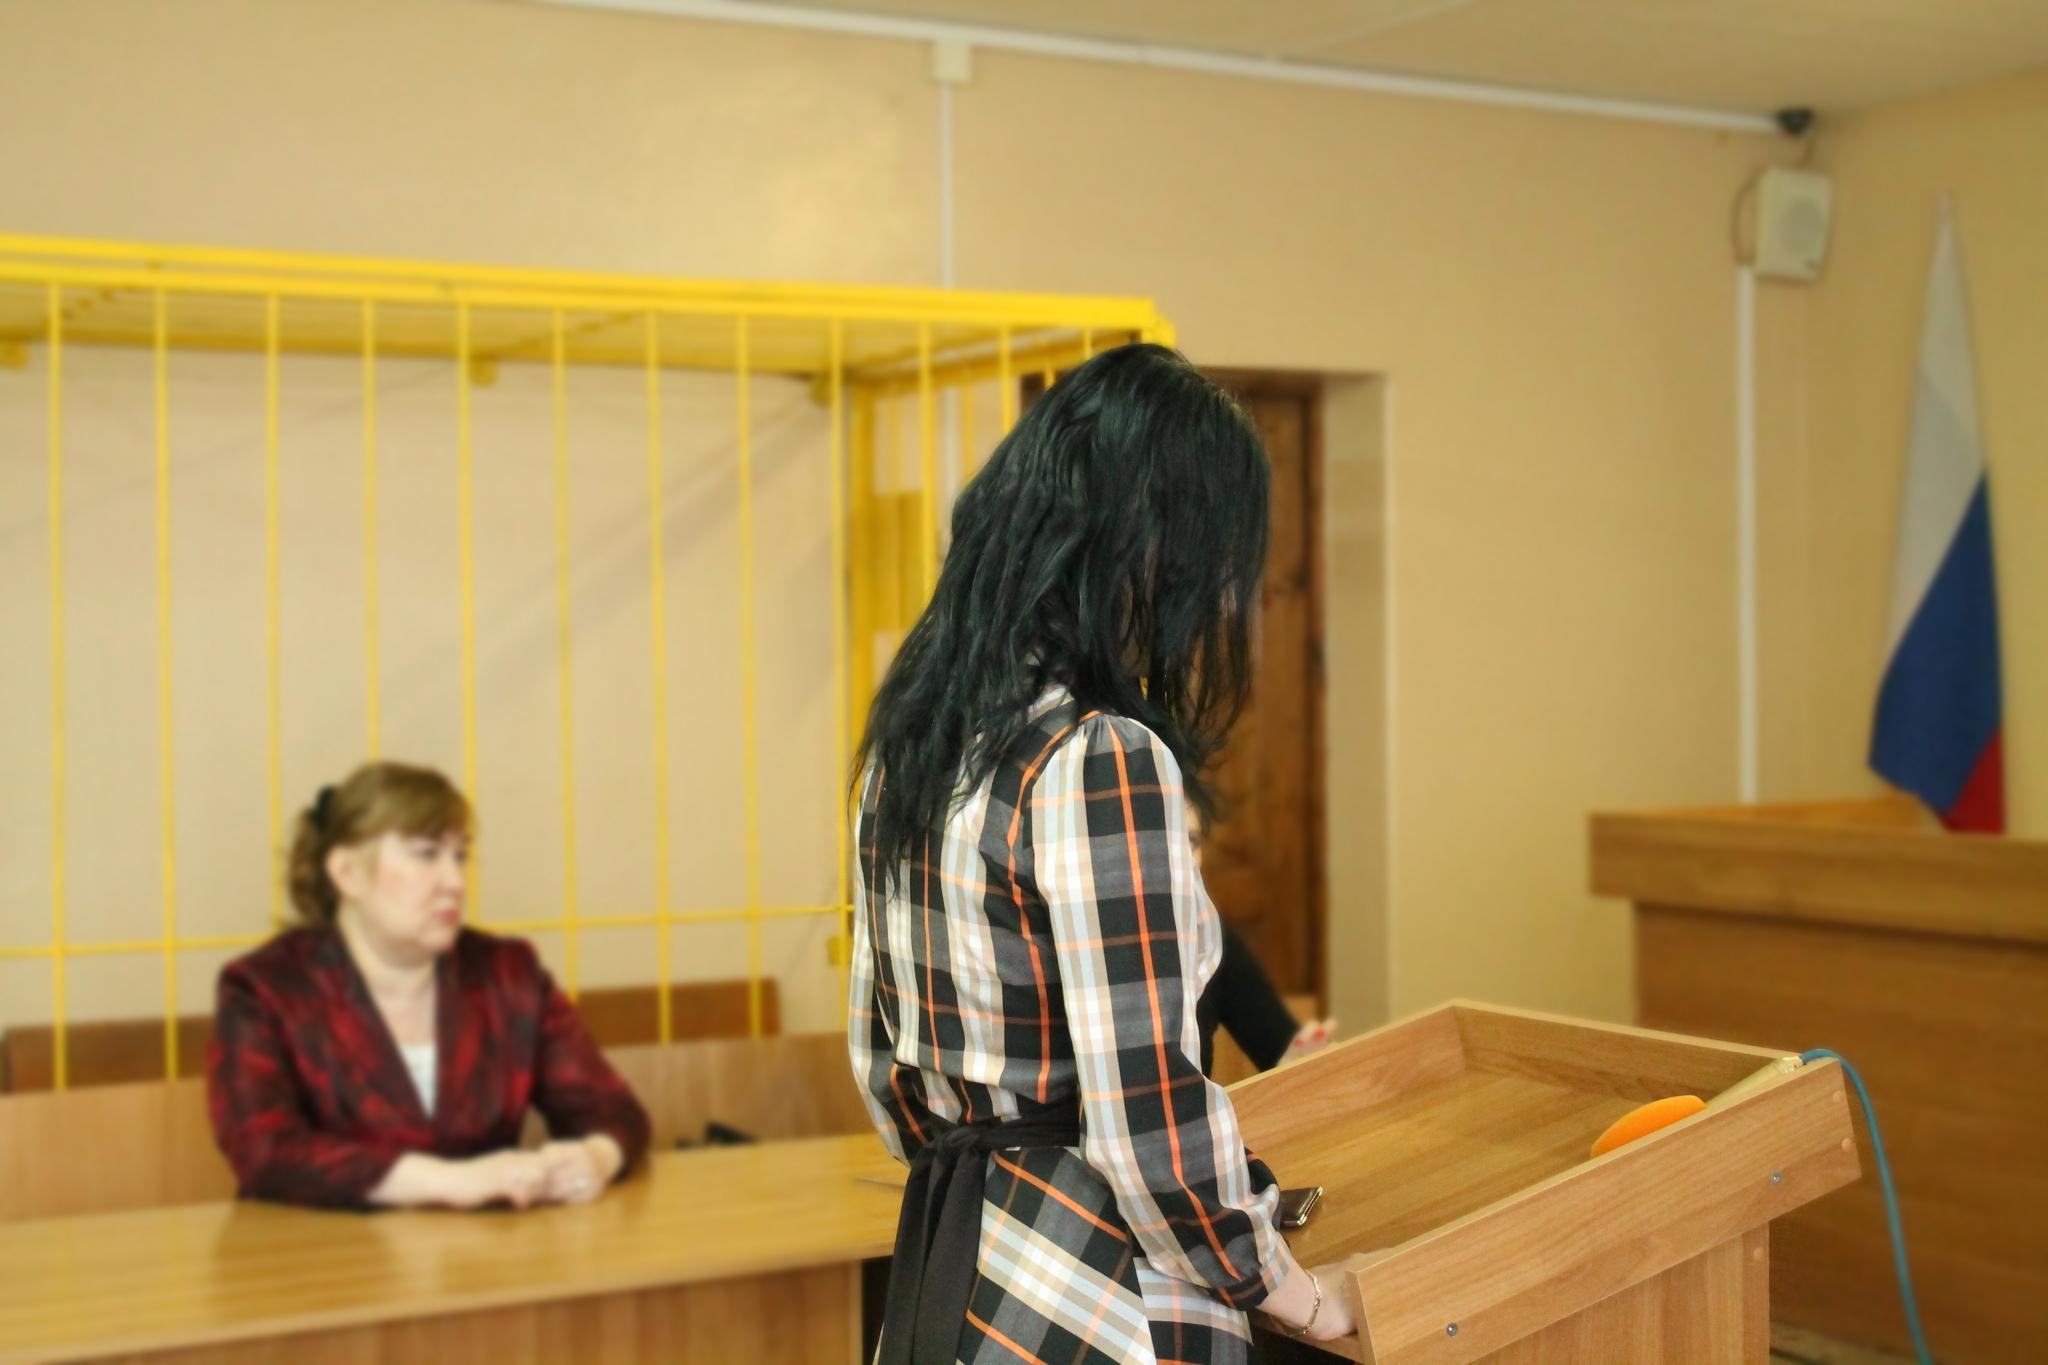 Администратор чепецкого паблика оштрафована за оскорбление